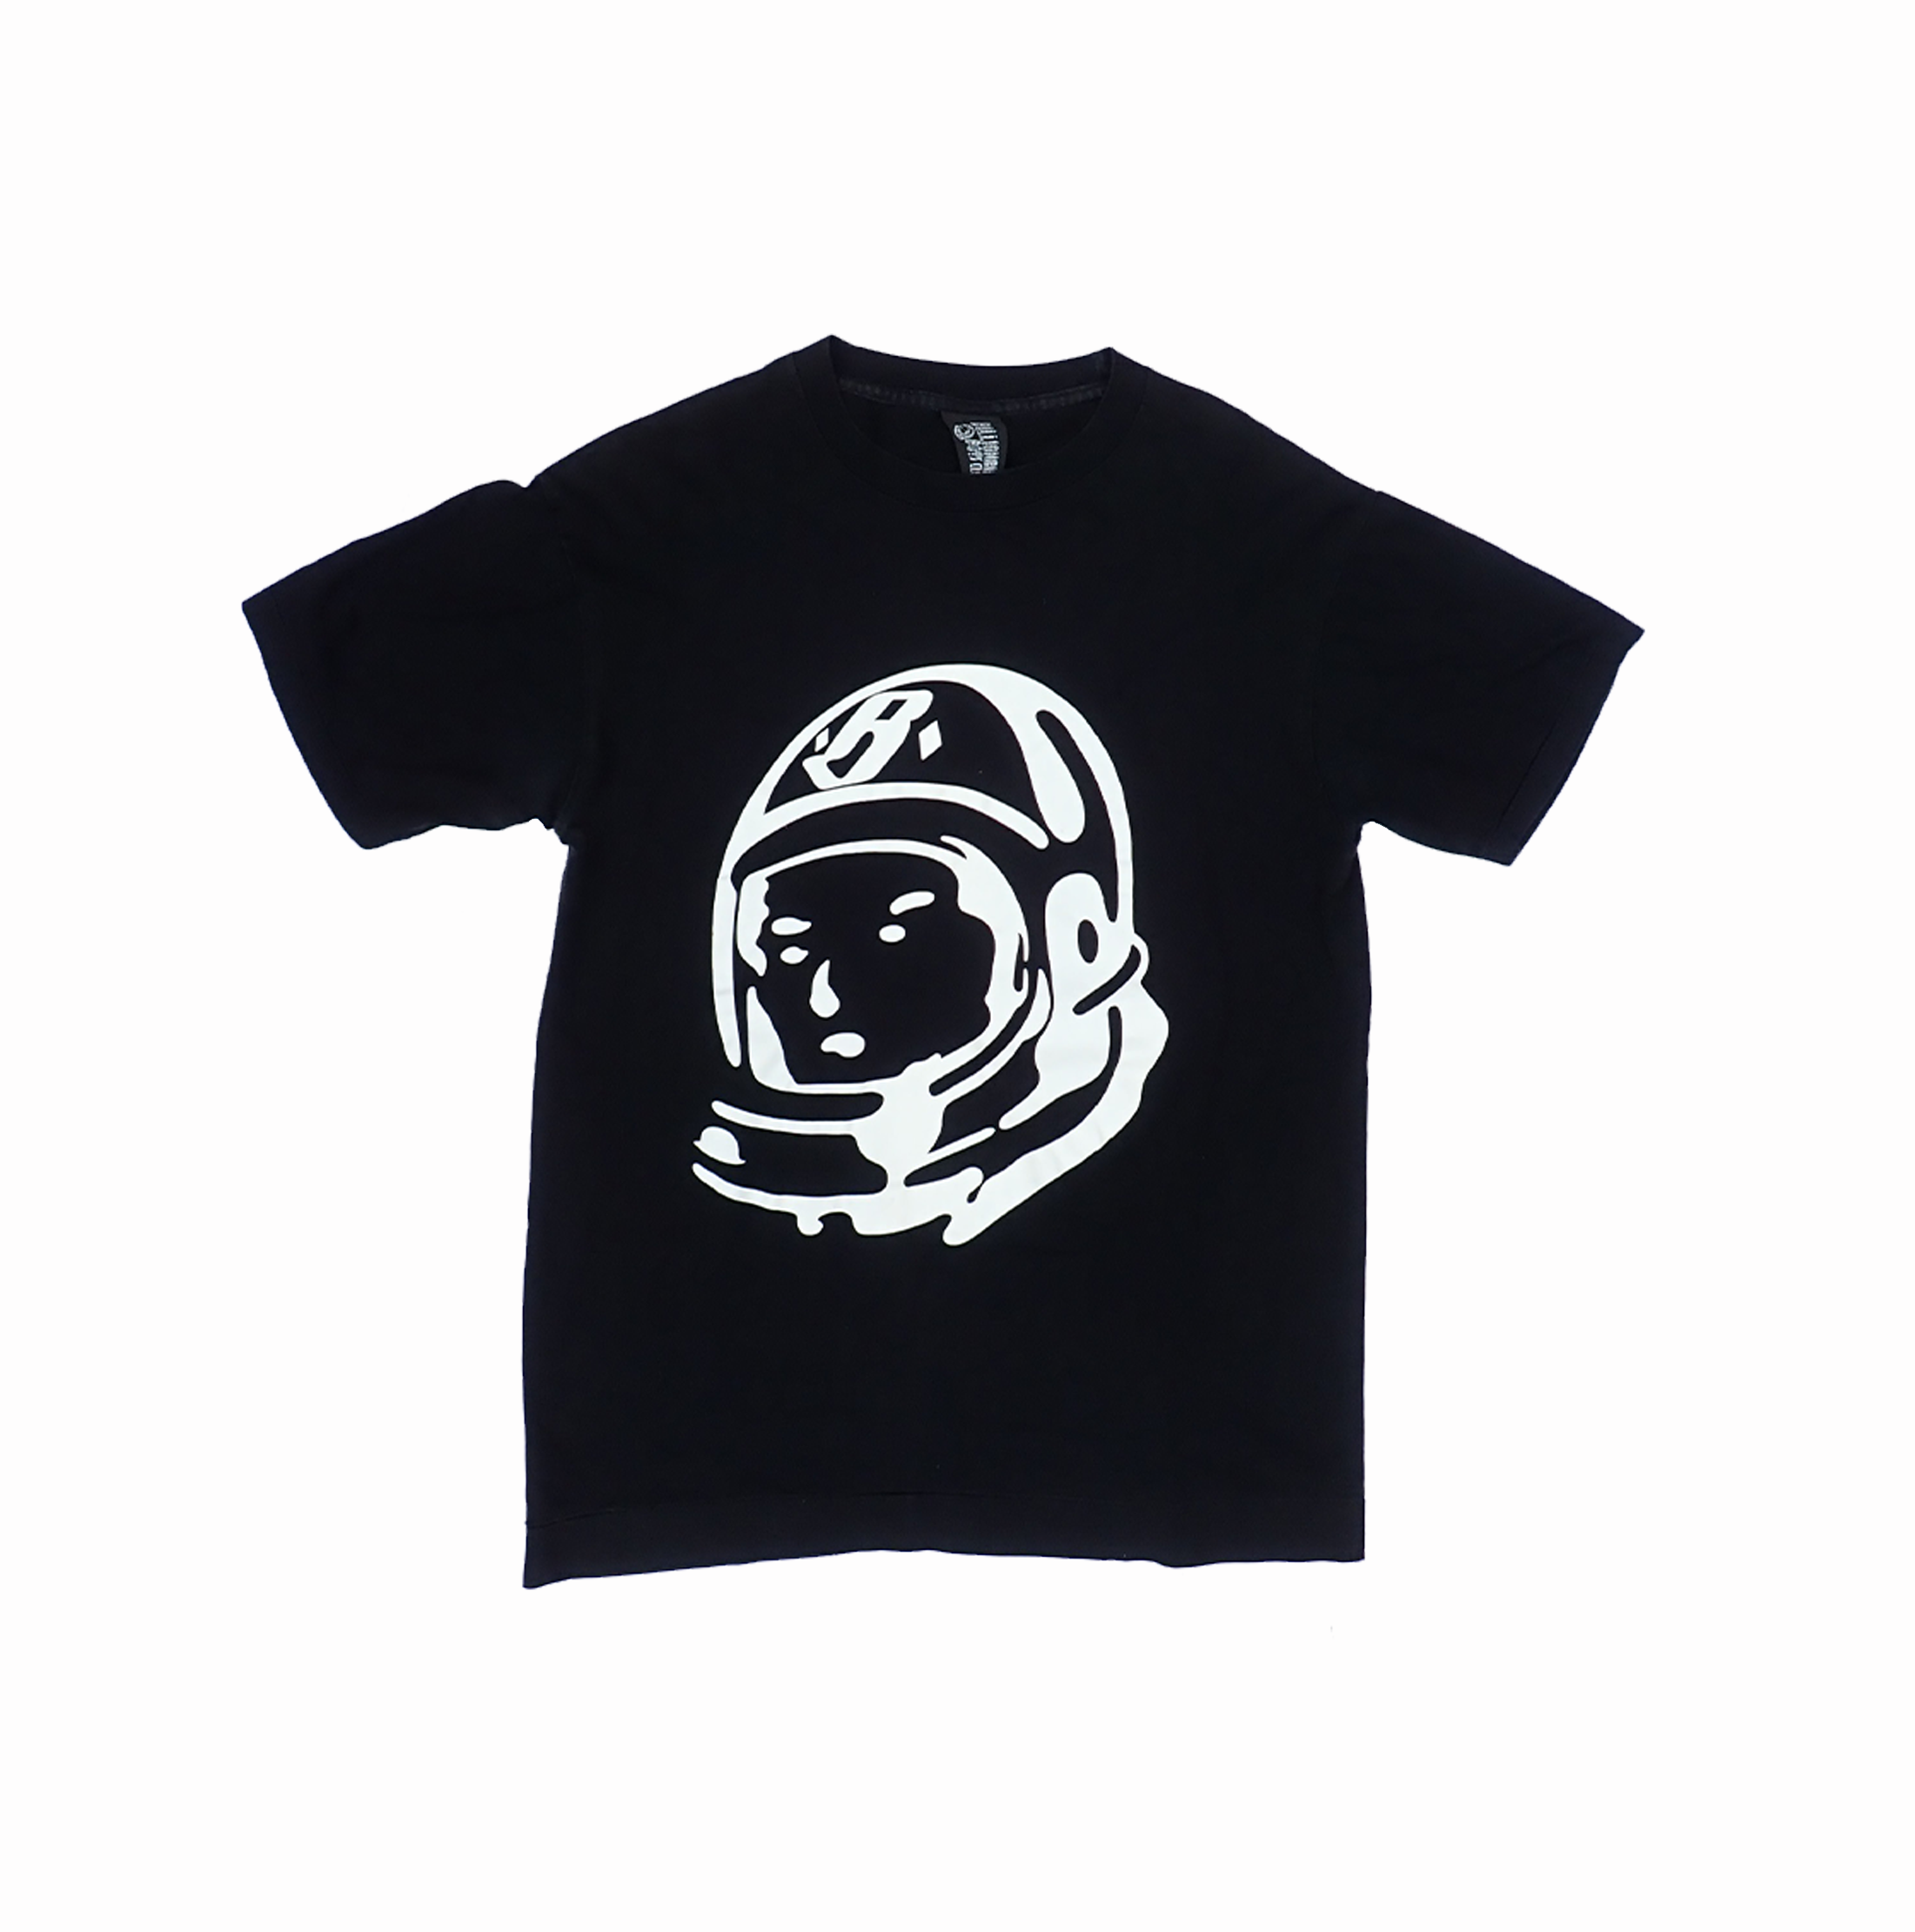 BBC Astronaut Logo Vintage Tshirt